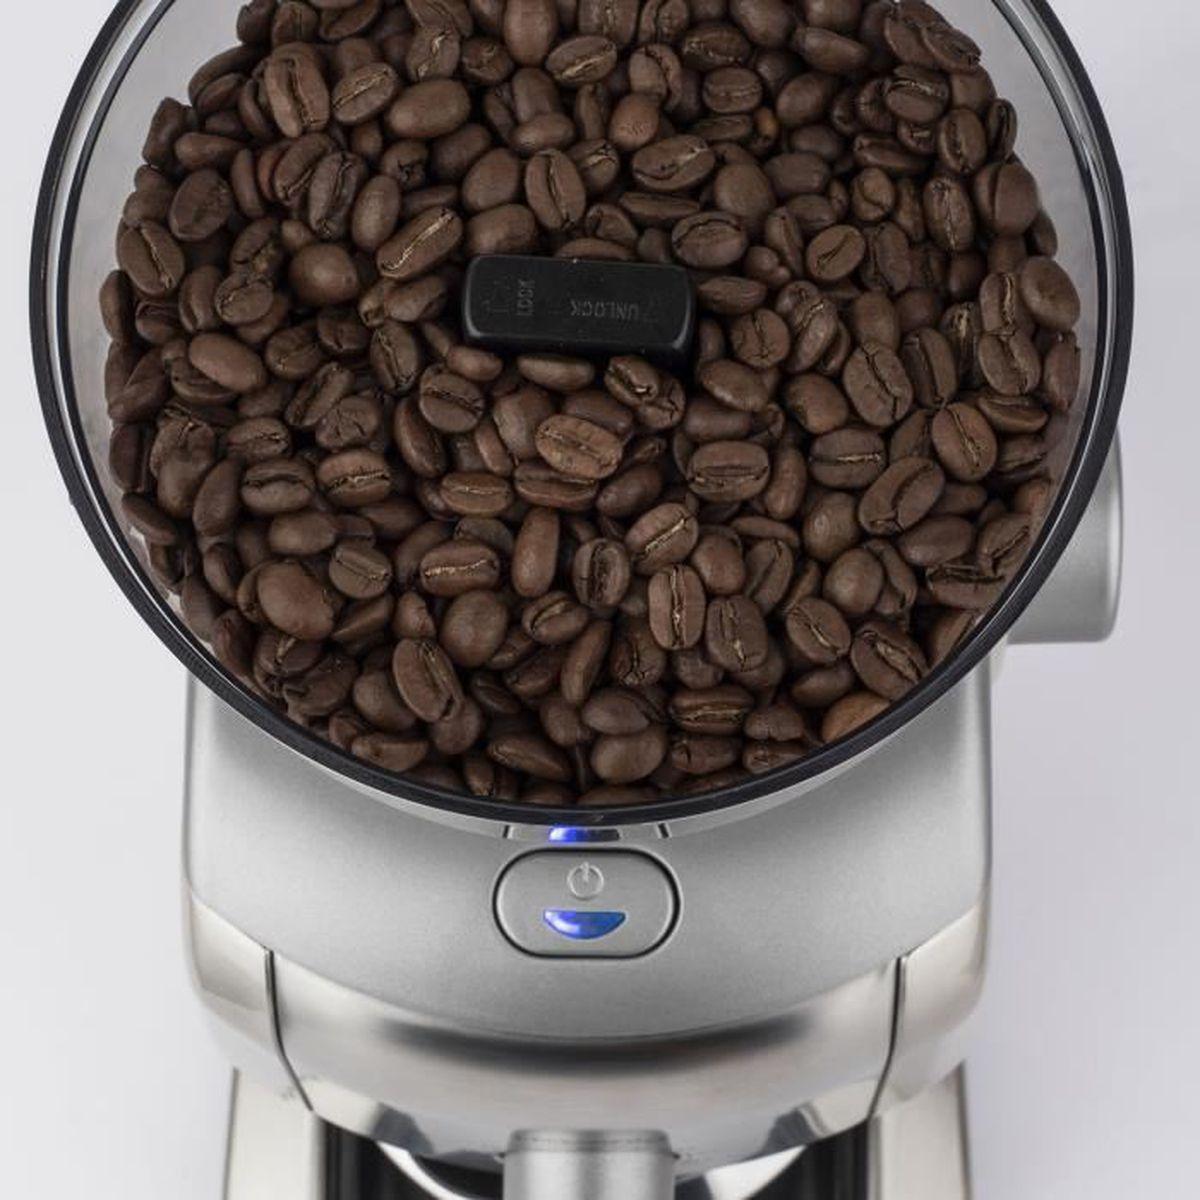 finesse de moulure fin /à grossier 160 watts convient /à la pr/éparation d/'expresso broyeur pour noix o 65g Moulin /à caf/é /électrique r/étro Moulin /à caf/é pour caf/é en grains